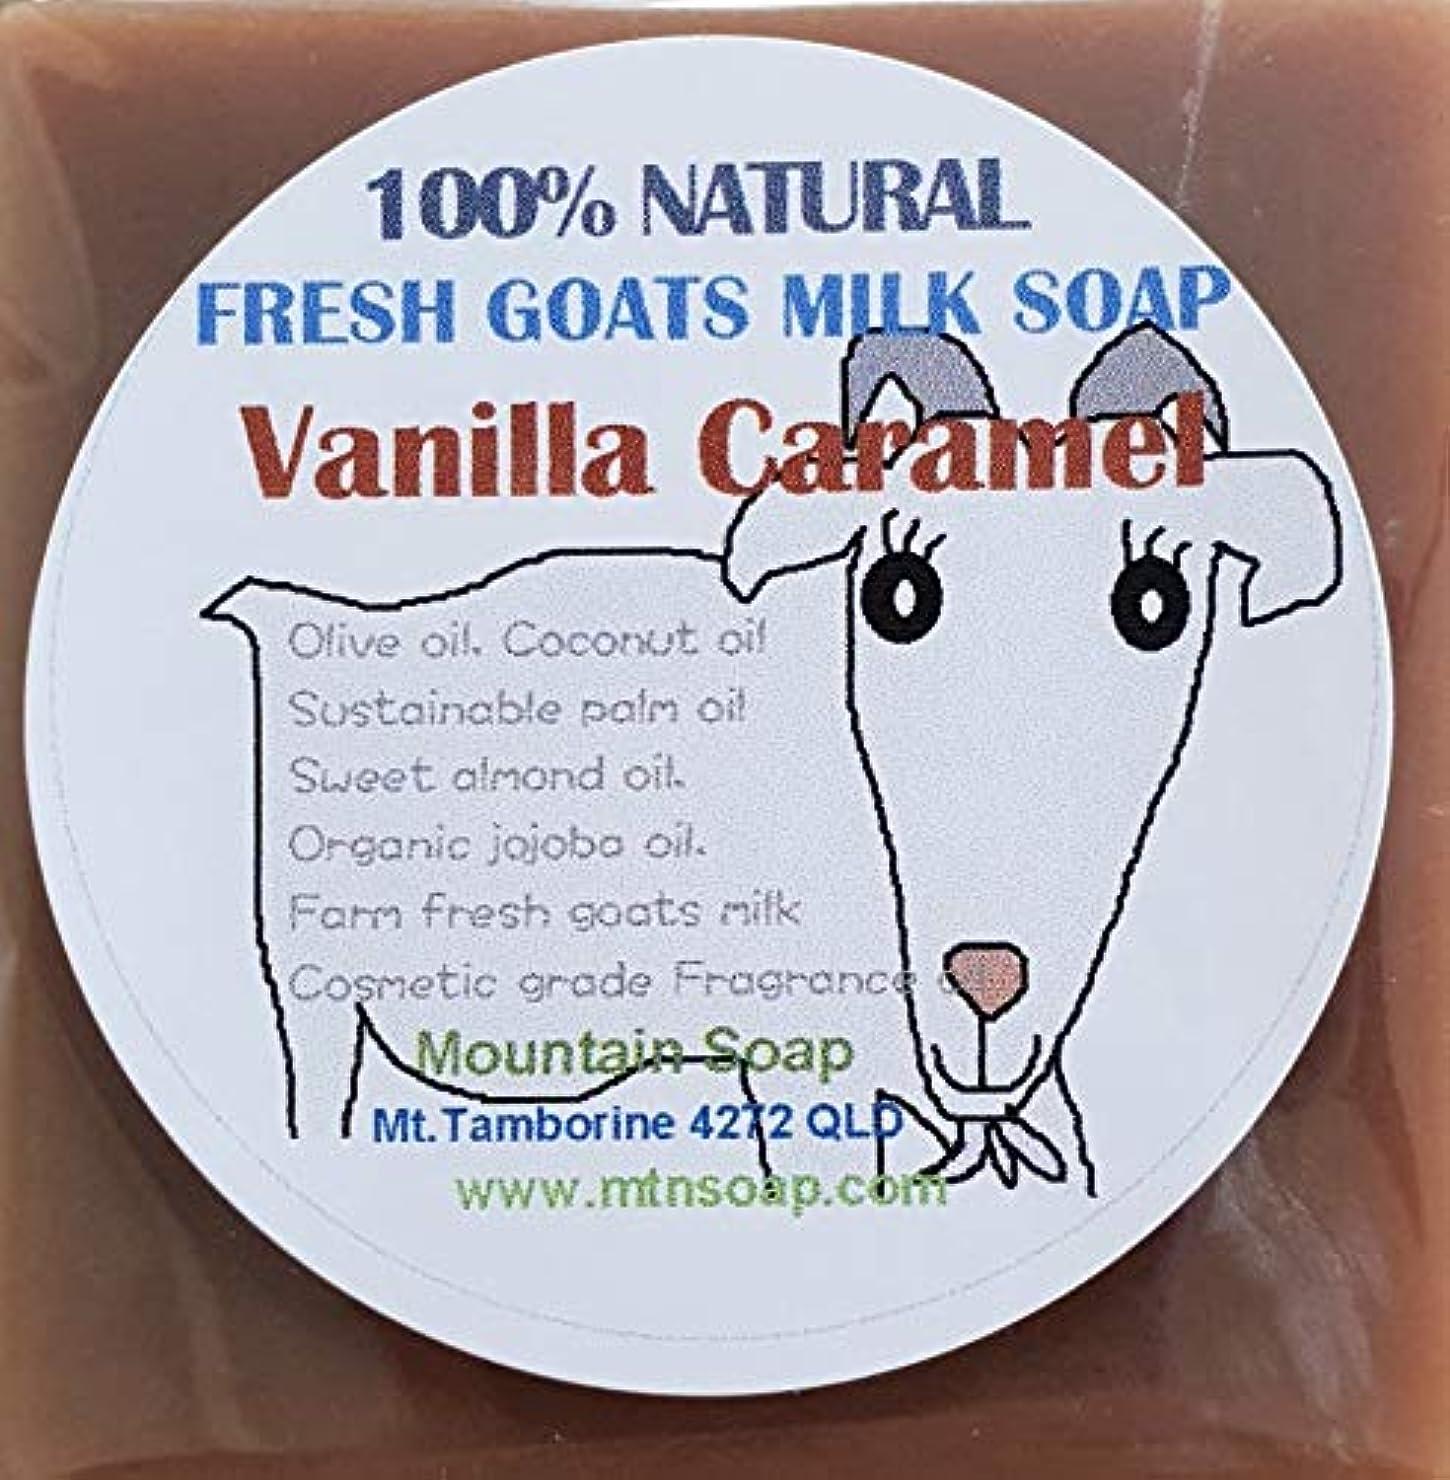 歌手アクティビティ思われる【Mountain Soap】農場直送絞りたてゴートミルク生乳使用 ゴートミルク石鹸 バニラキャラメル